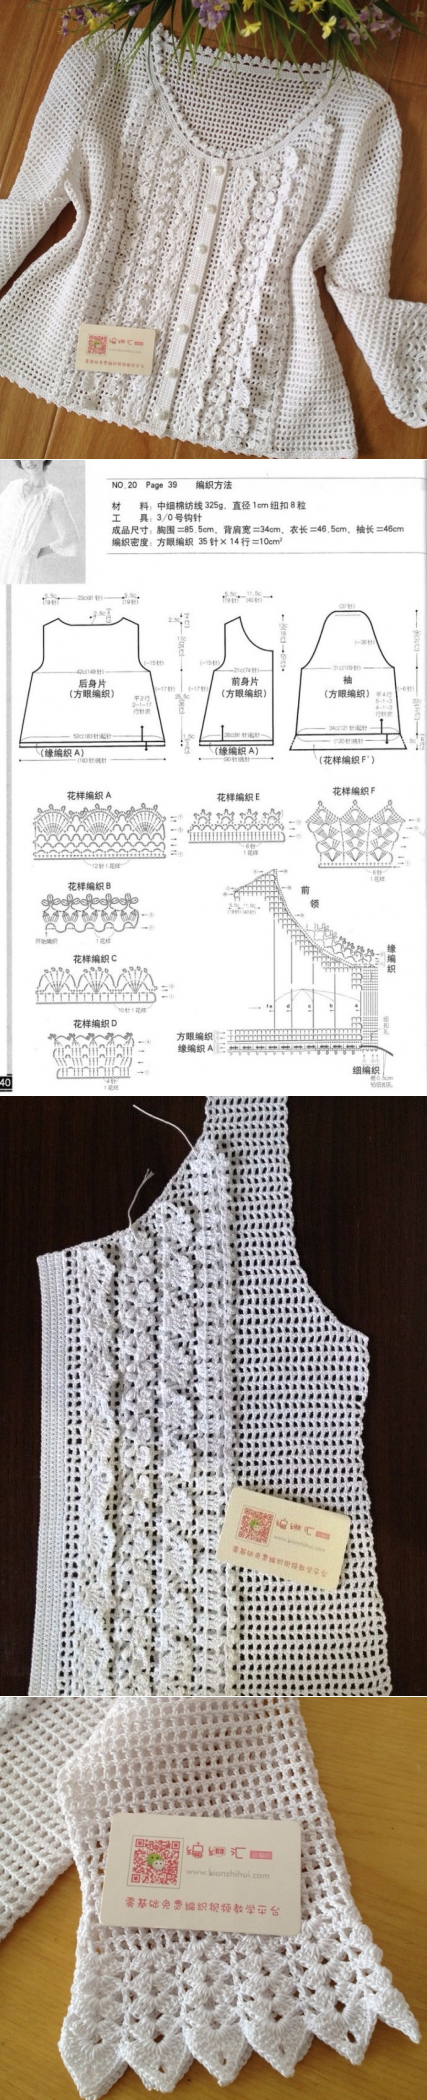 топы кофты жакеты | Ganchillo, Croché y Volantes